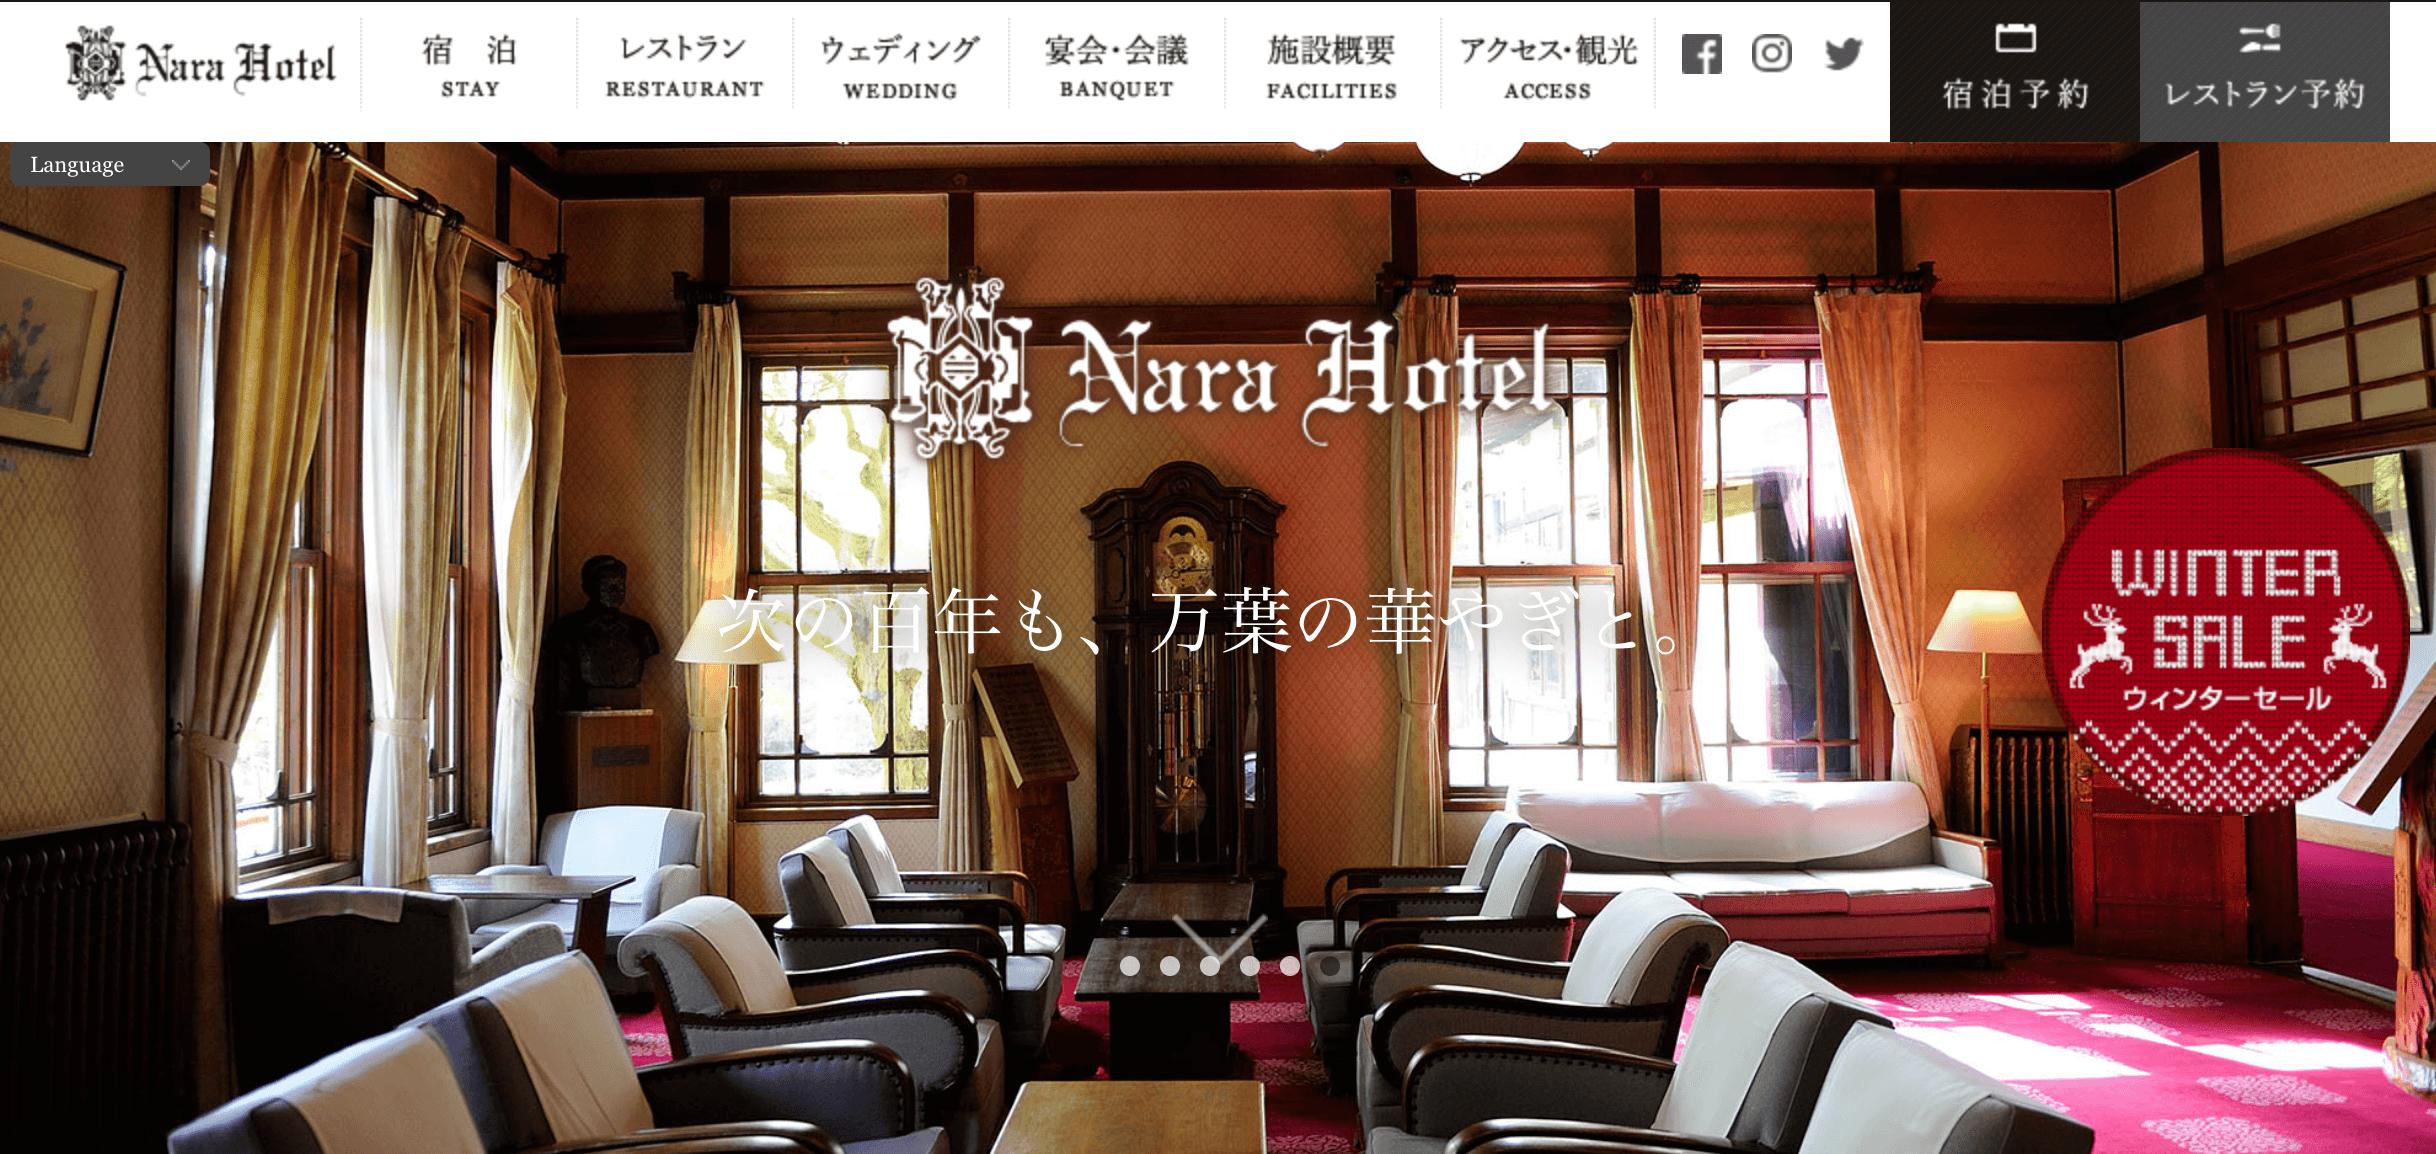 奈良でパパ活におすすめなホテル「奈良ホテル」